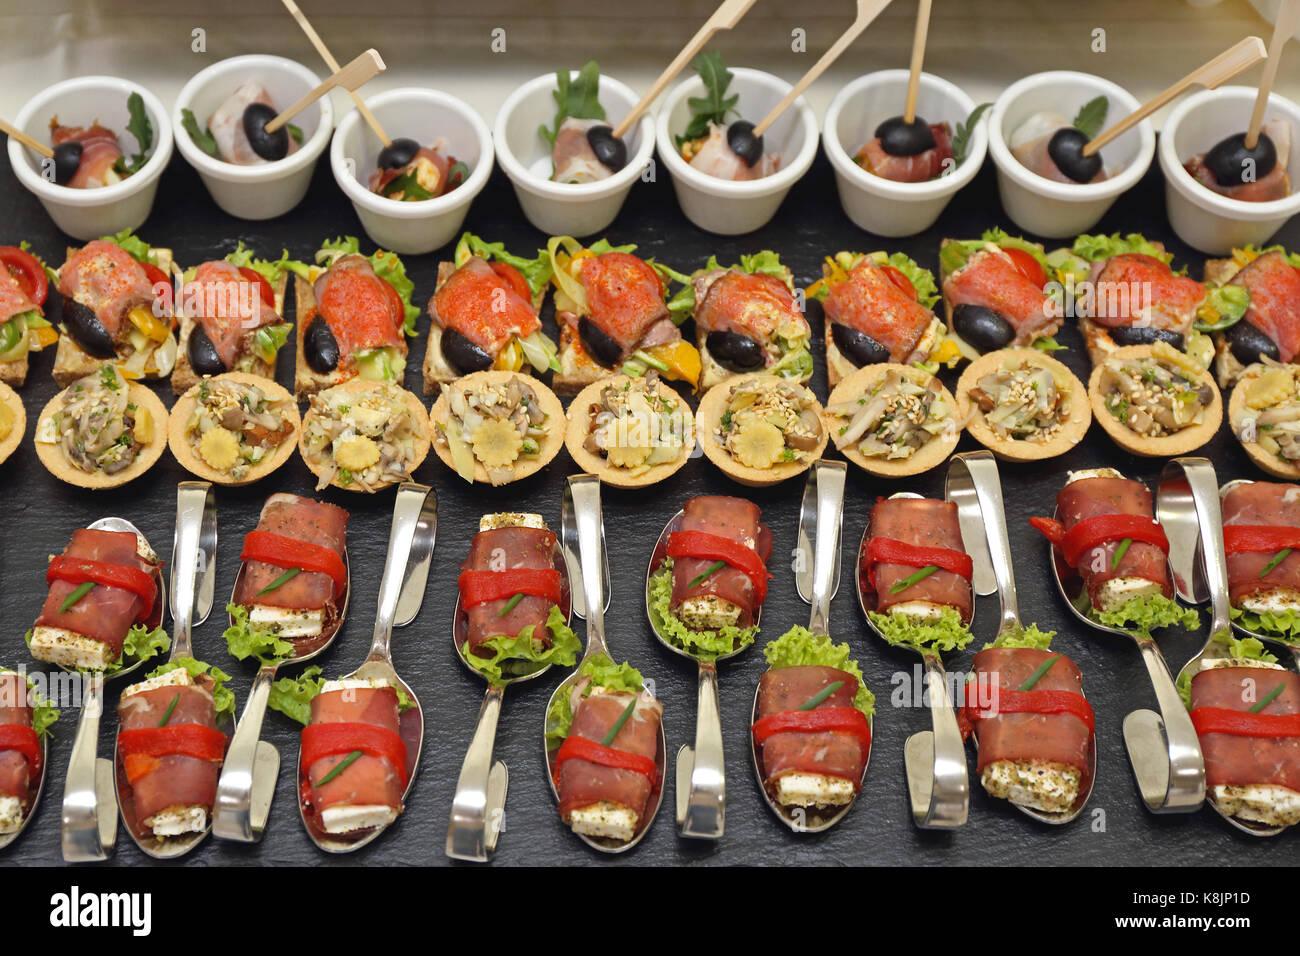 Canape parte comida servida en doblado cucharas Foto de stock